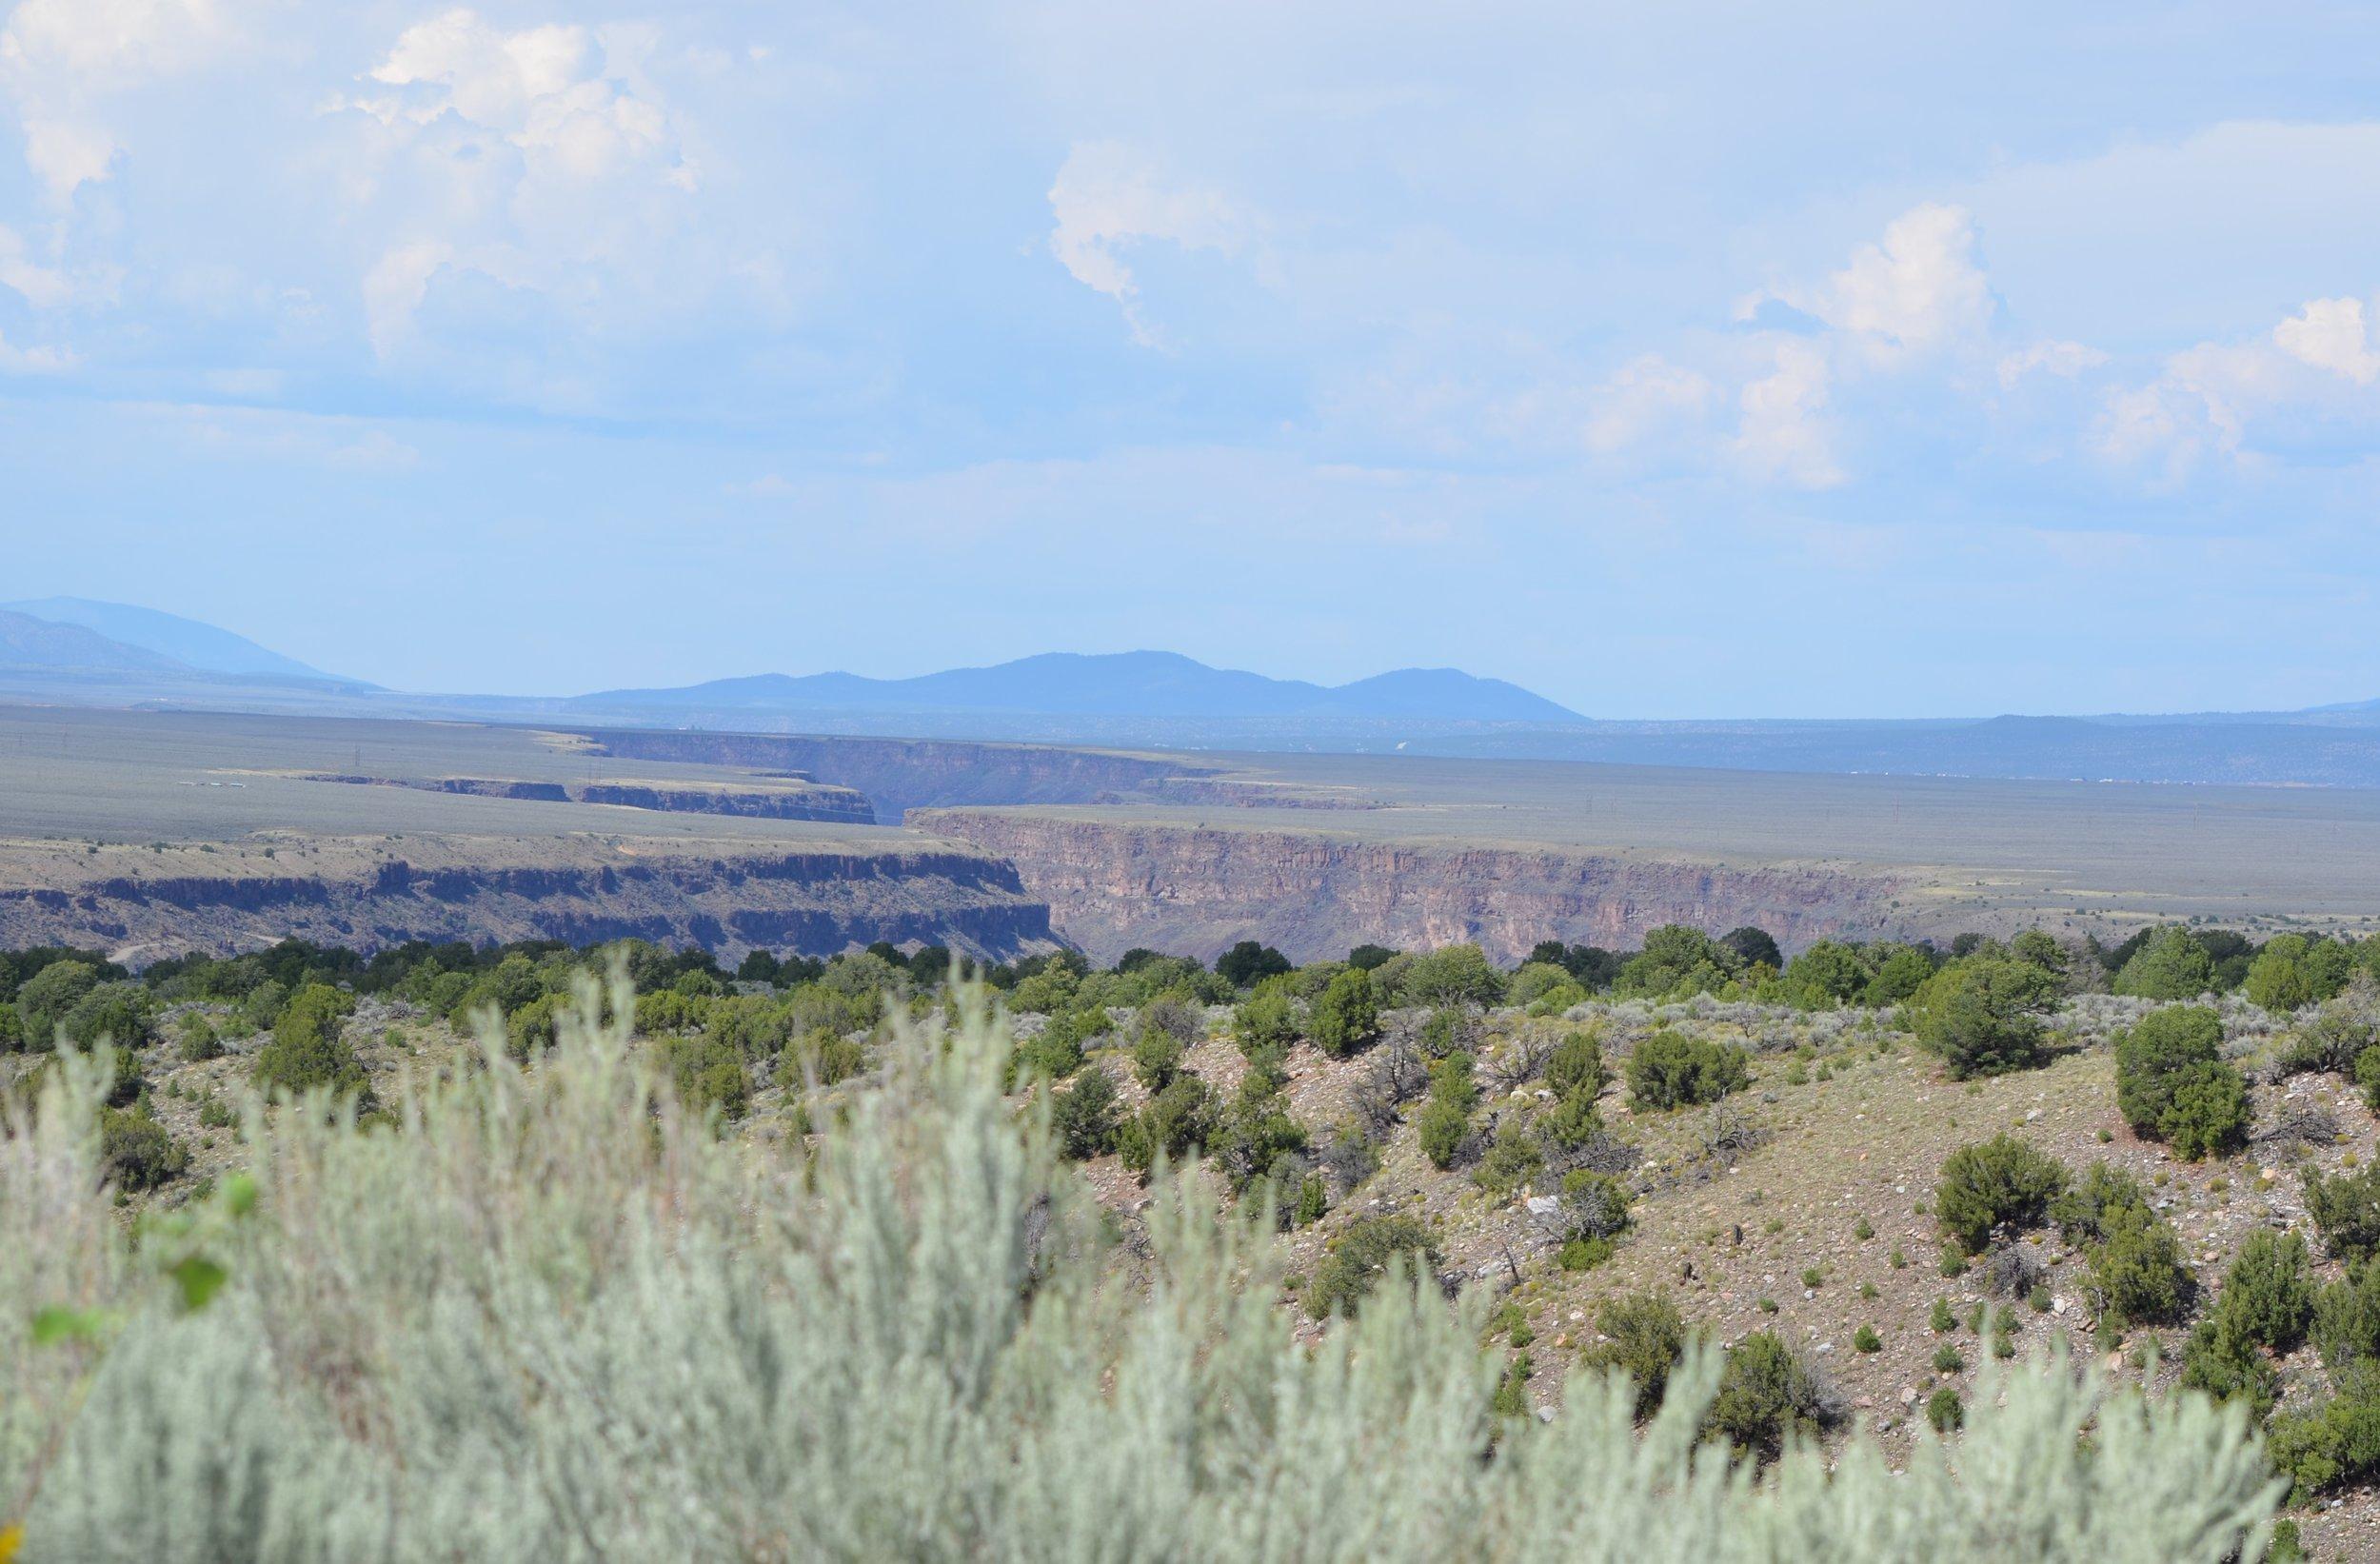 Rio Grande River in New Mexico / warporweft.com